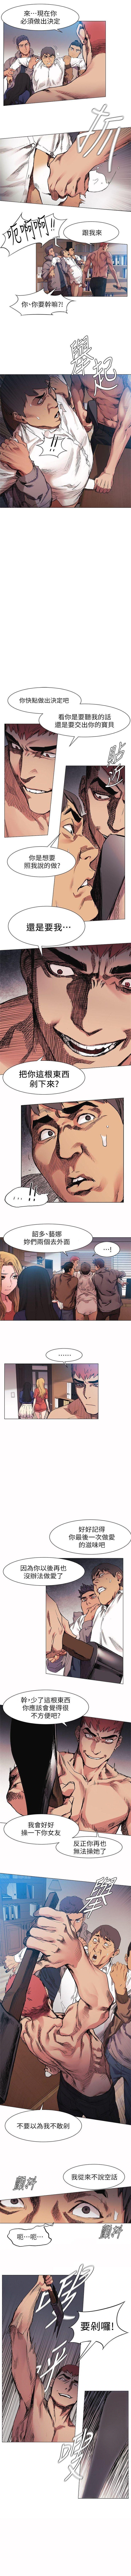 (週5)衝突 1-94 中文翻譯 (更新中) 149